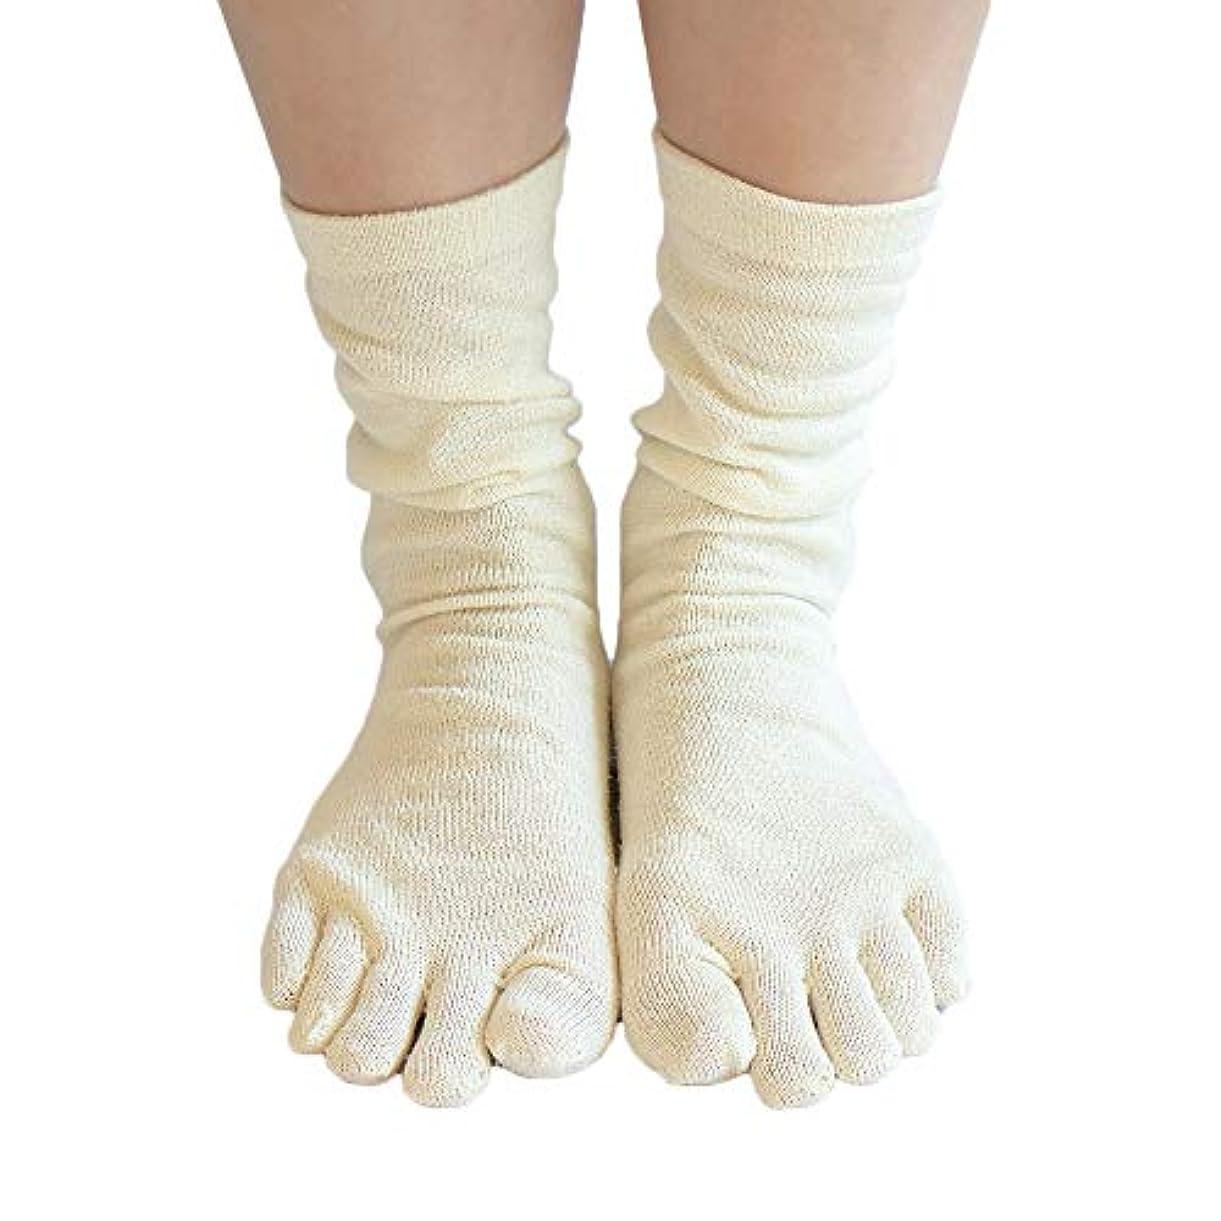 アノイ味ありがたいシルク 100% 五本指 ソックス 3足セット かかとあり 上質な絹紡糸と紬糸ブレンドした絹糸を100%使用した薄手靴下 重ね履きのインナーソックスや冷えとりに